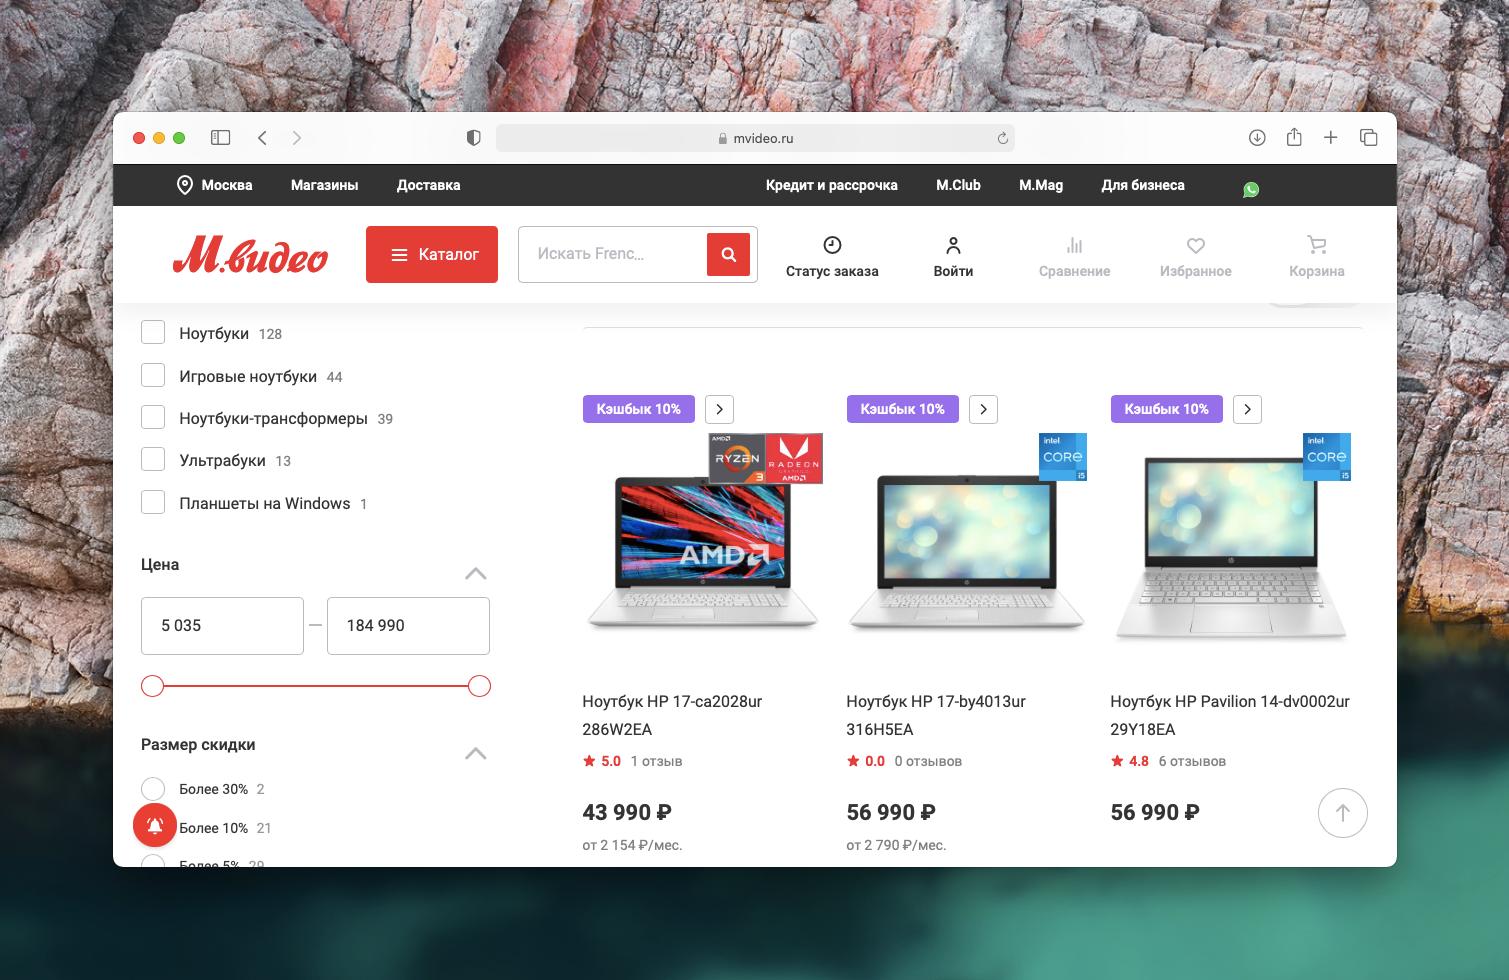 Пример оформления онлайн-магазина